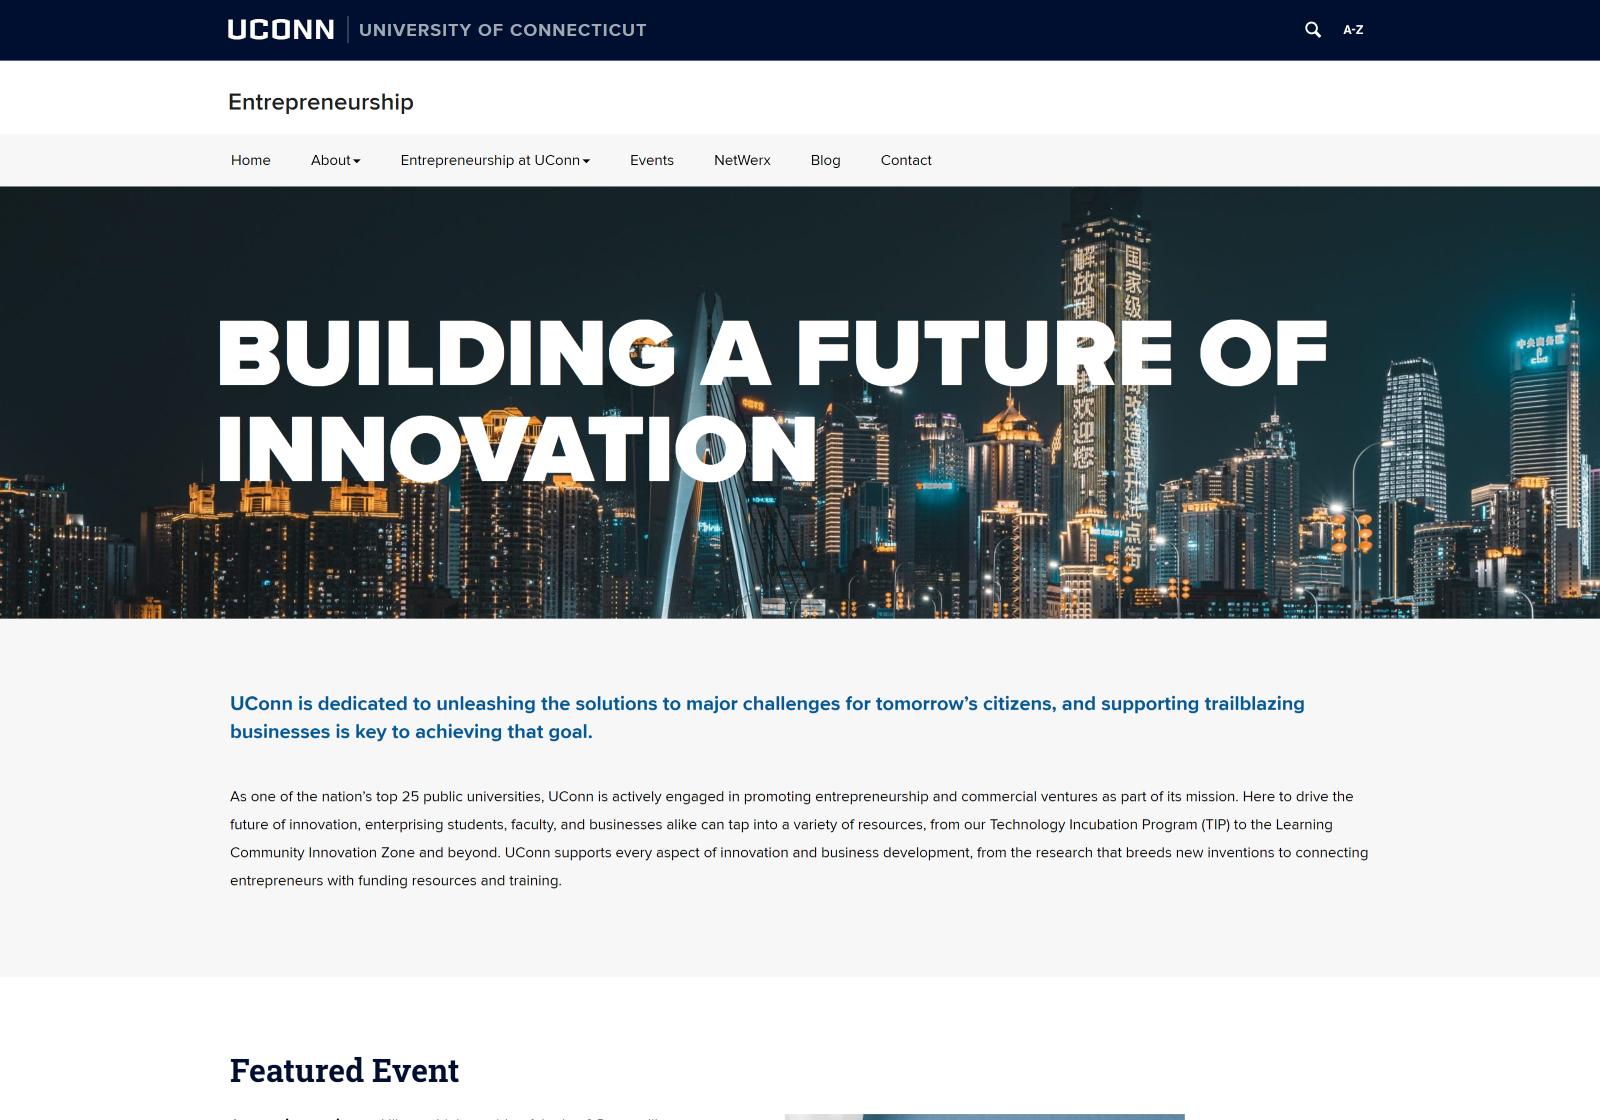 Desktop view of the UConn Entrepreneurship website